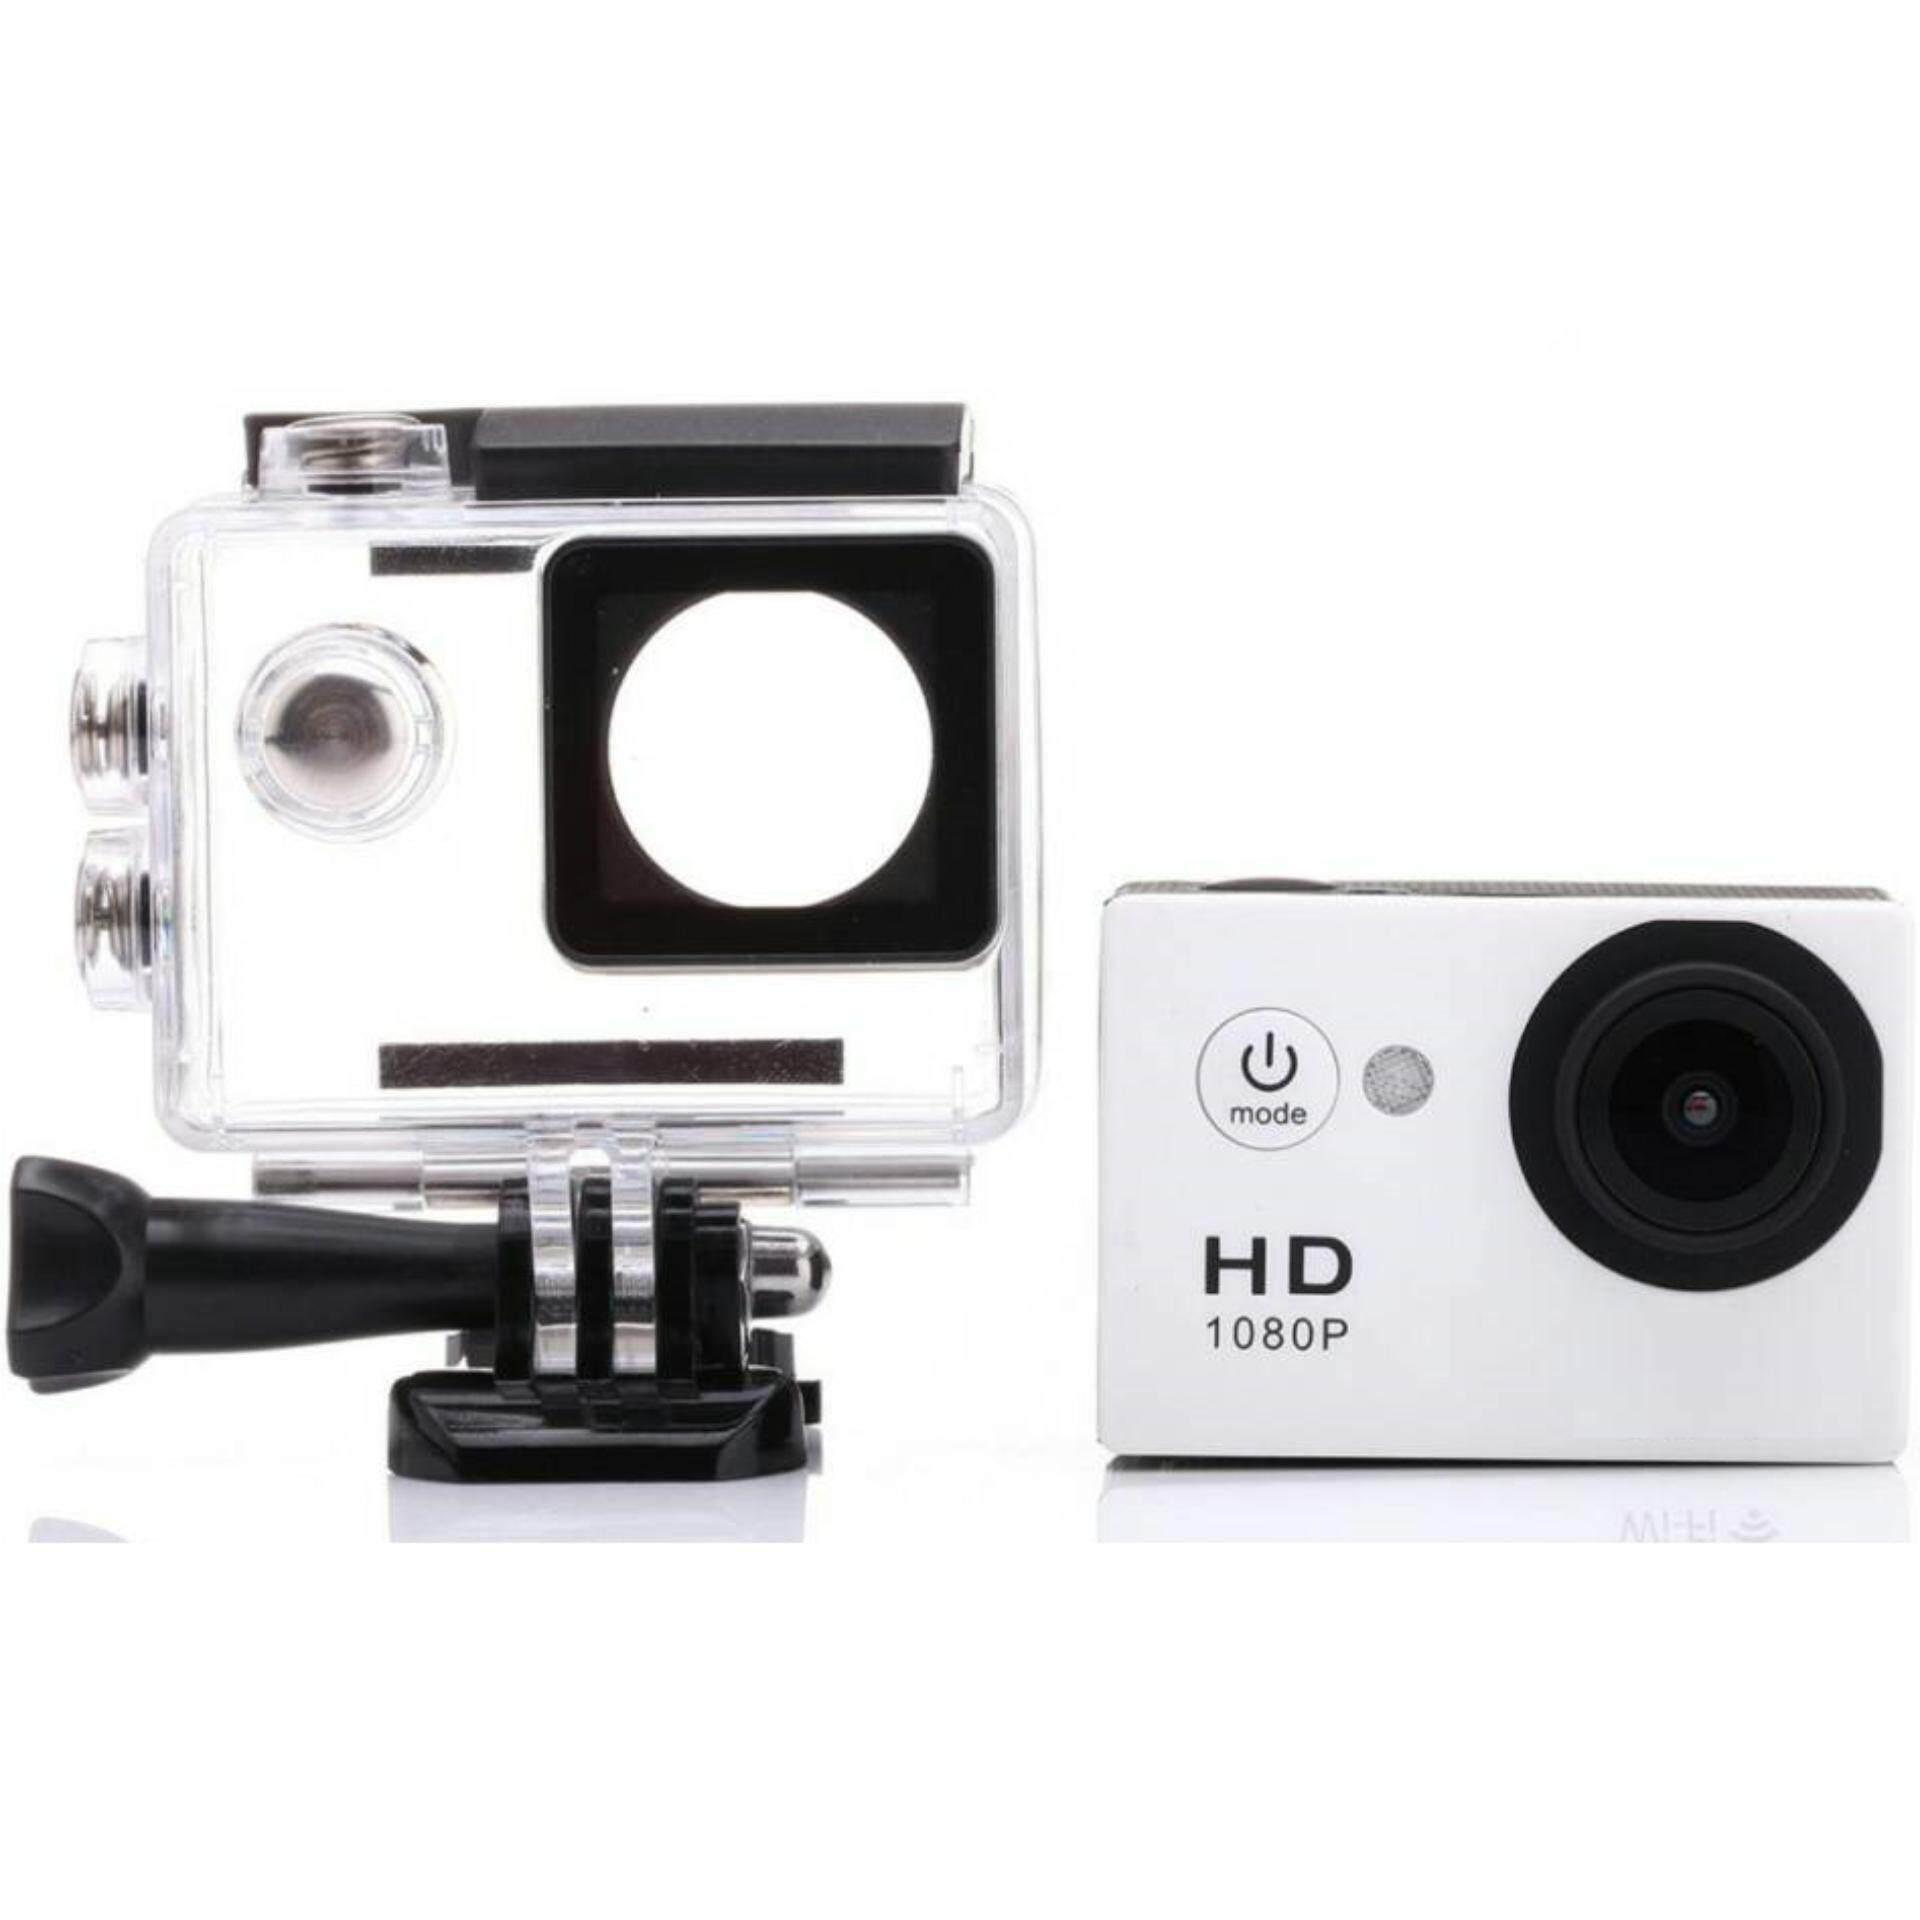 ขาย กล้องกันน้ำ กันกระแทก New Hd 12Mp Full Hd 1080Pเลนส์ 2 Action Camera Full Inch Lcd Screen Sport Dv Camera ออนไลน์